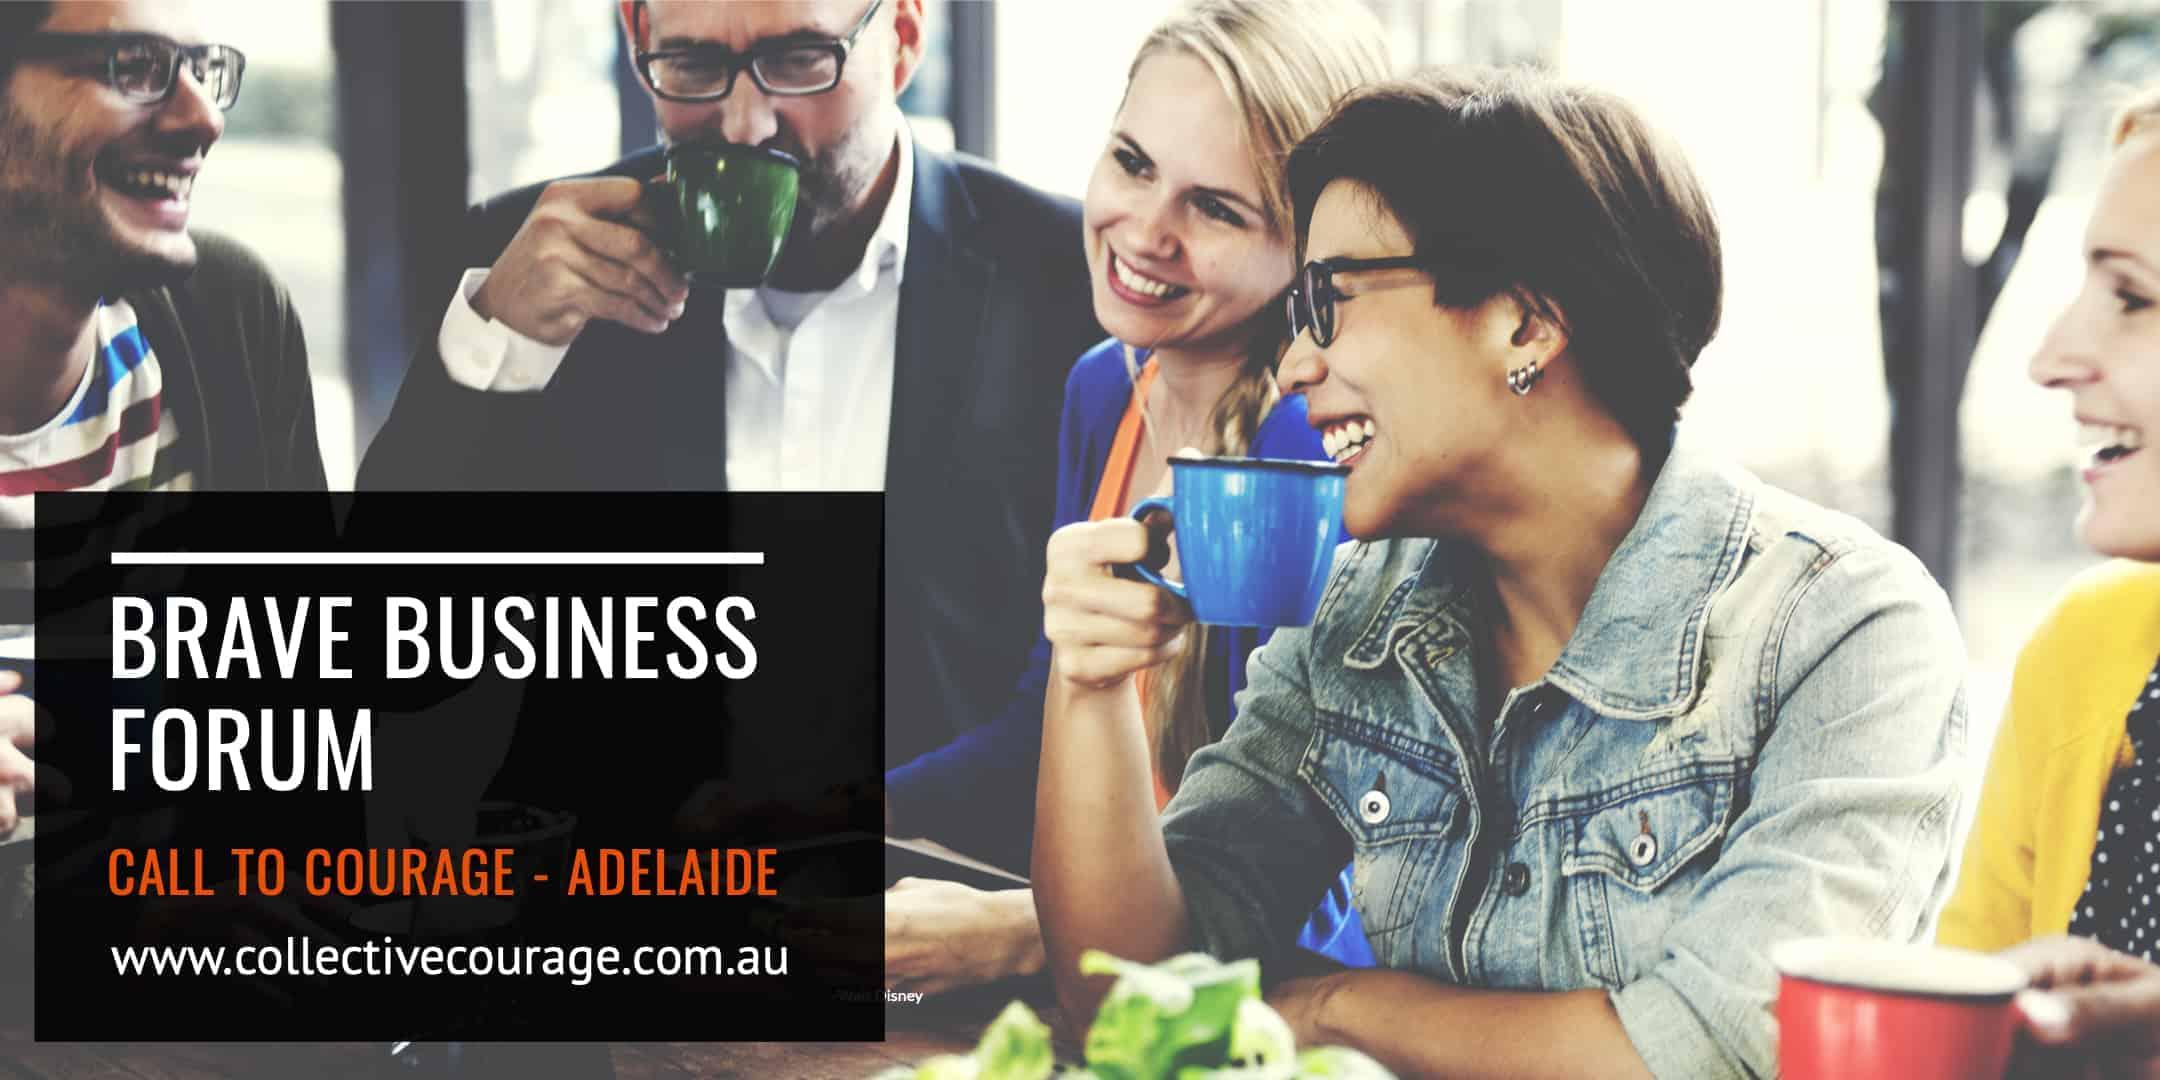 Brave Business Forum Eventbrite Banner